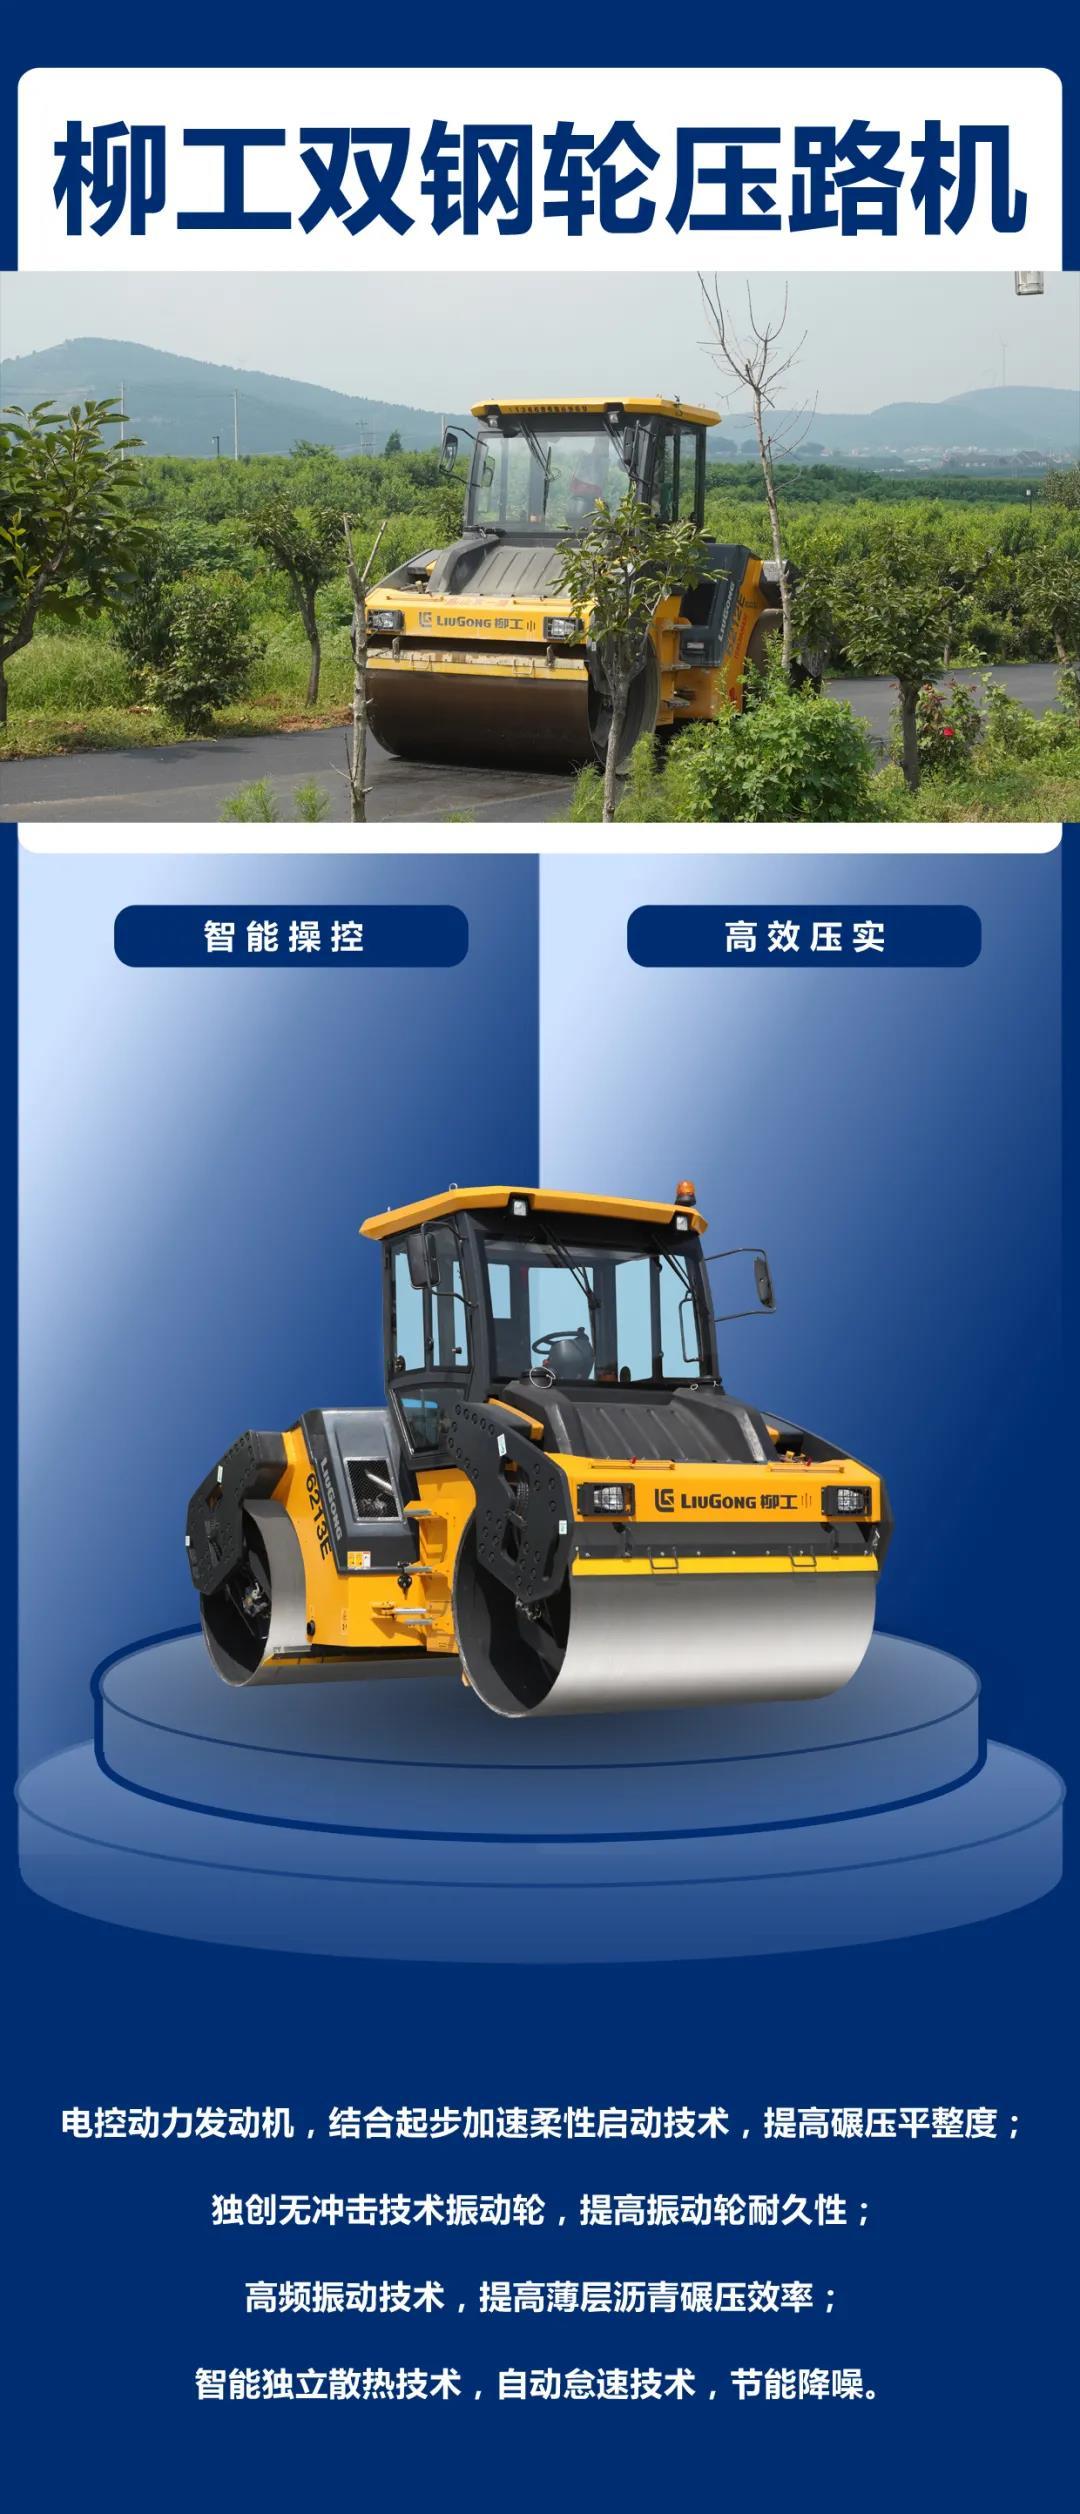 柳工双钢轮压路机   智能操控,高效压实